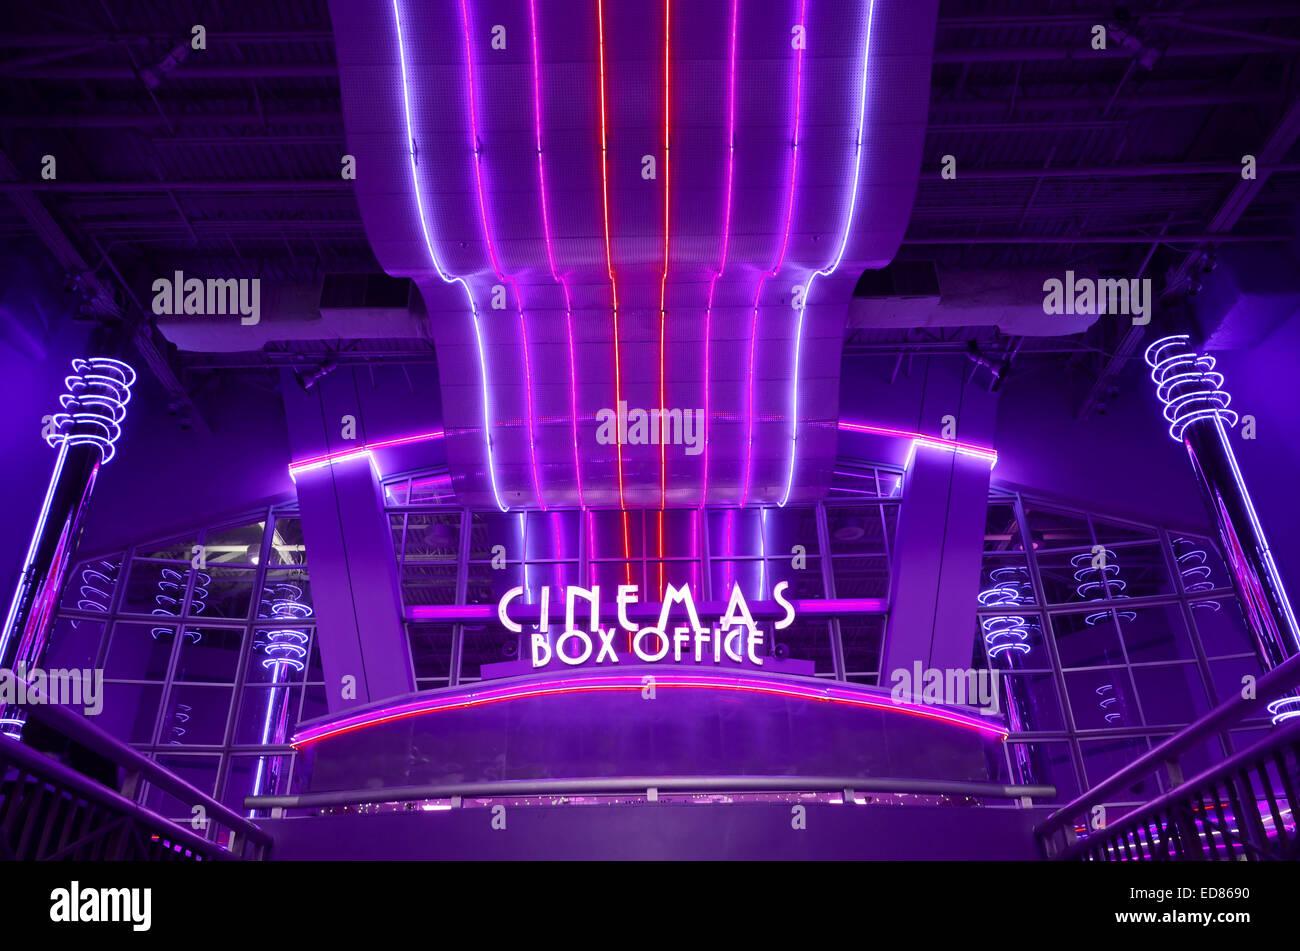 Film Theater-Kasse mit blauen Neonröhren Stockbild